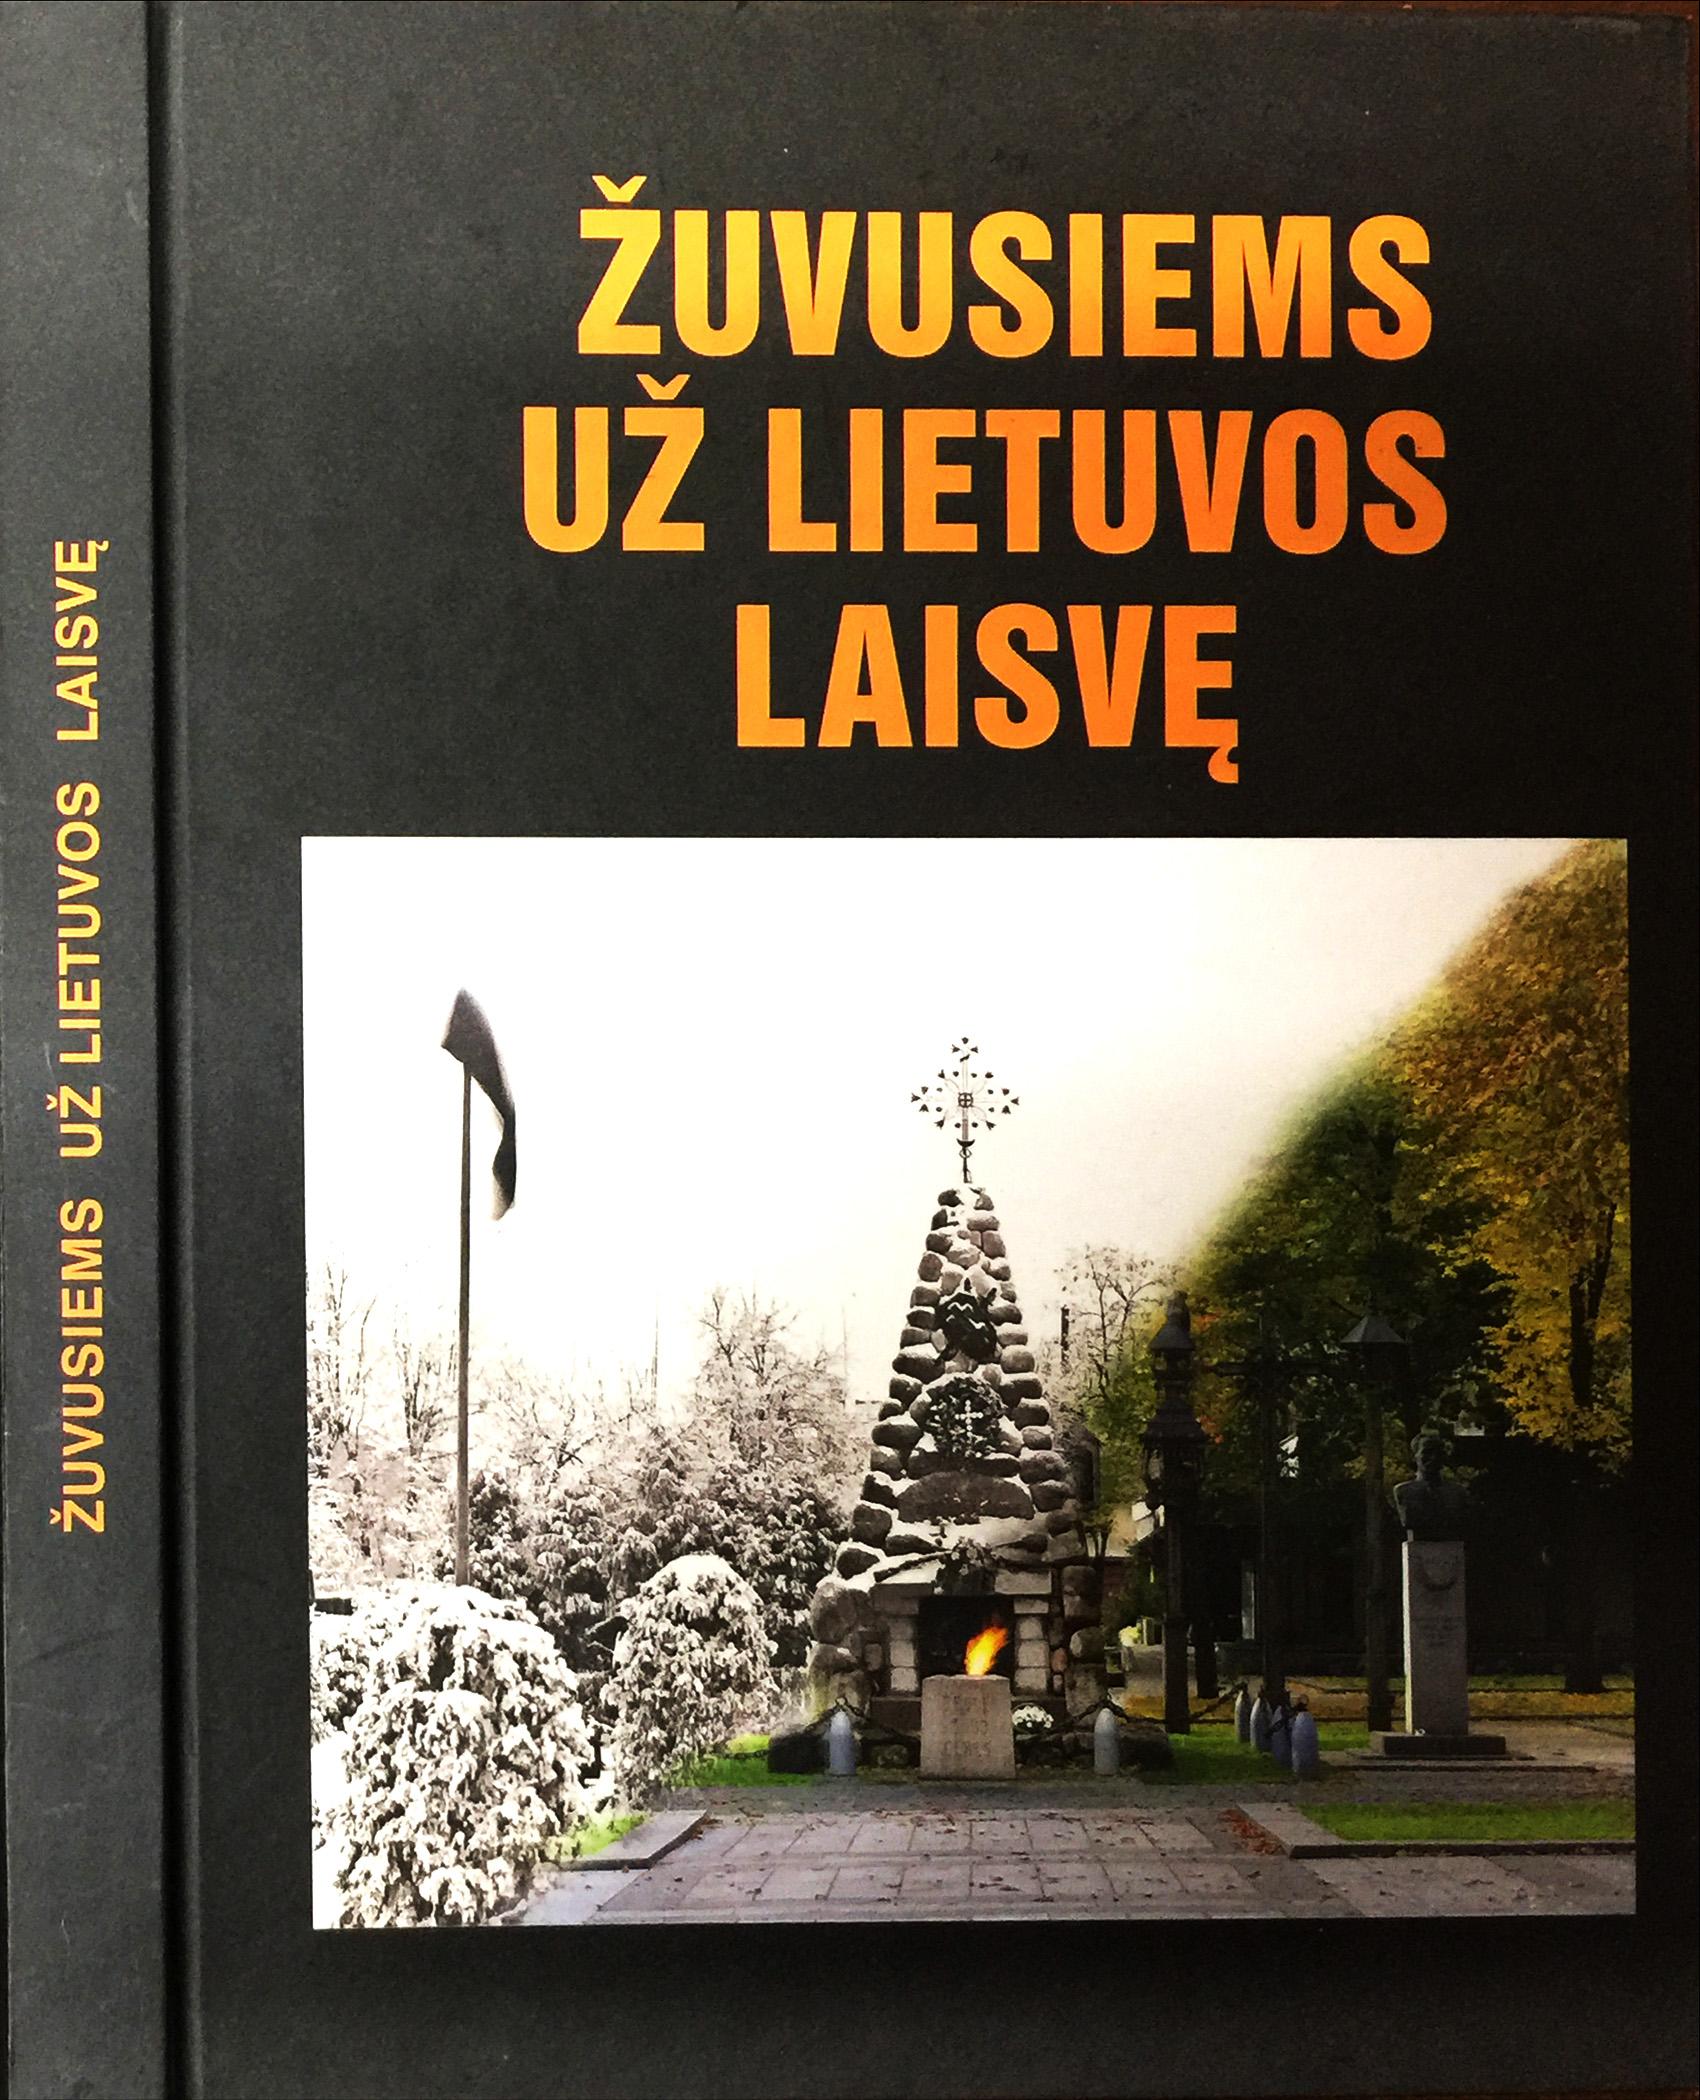 Karo muziejaus katalogas01, 2019m.jpg